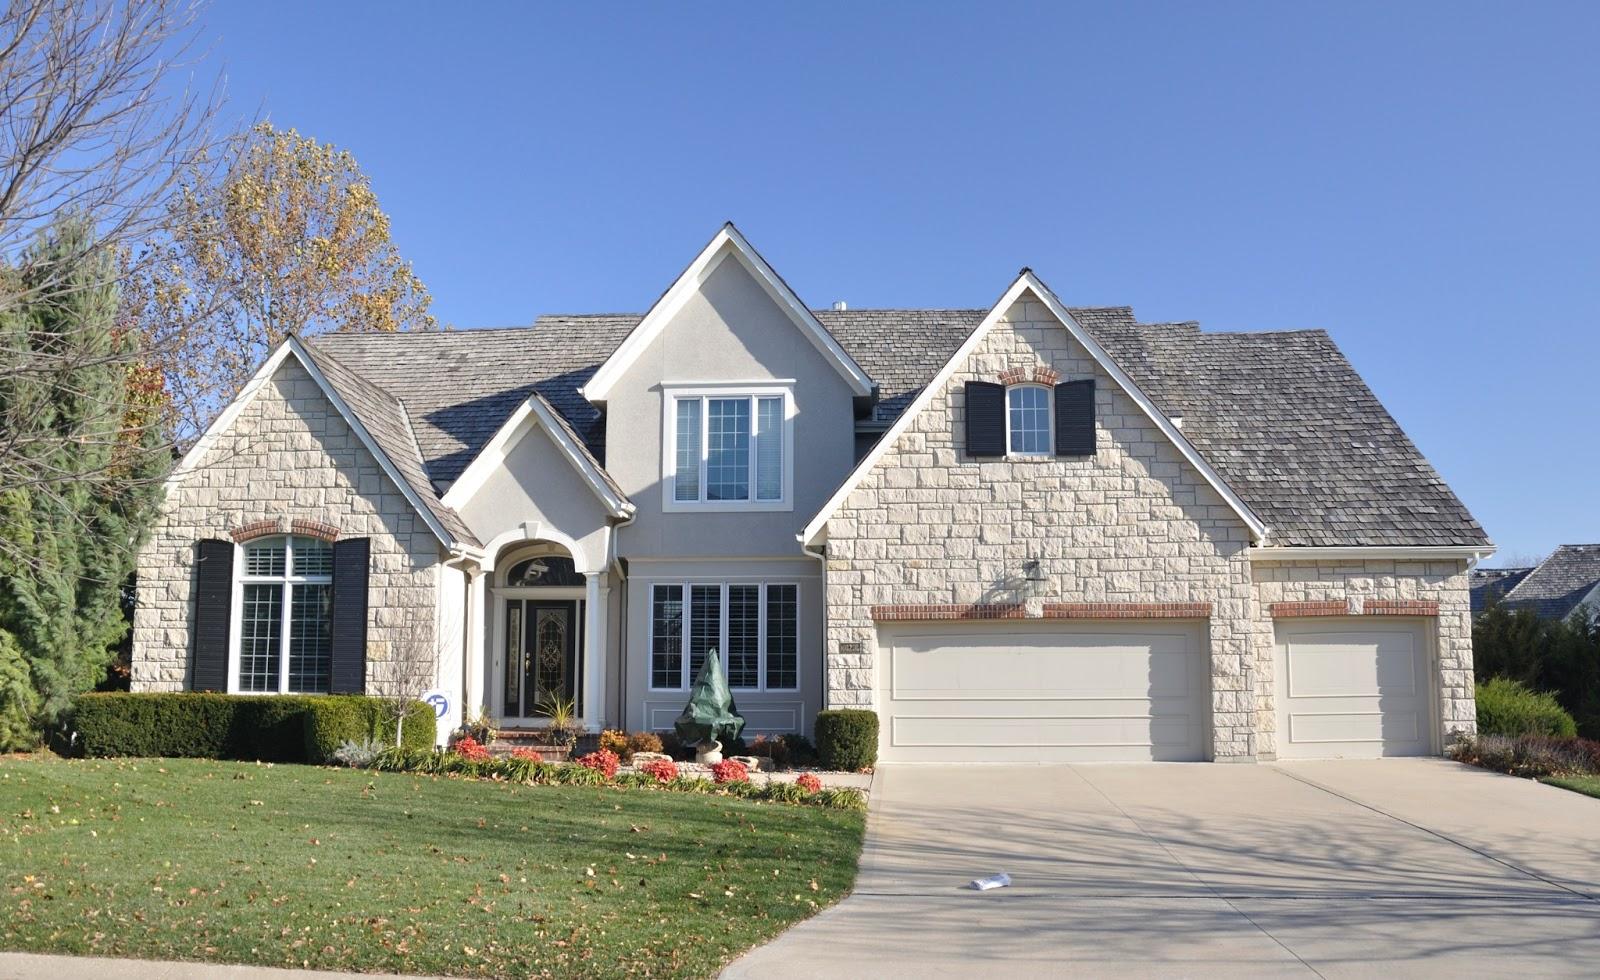 Banco de im genes 12 fotos de casas y residencias for Best houses in america